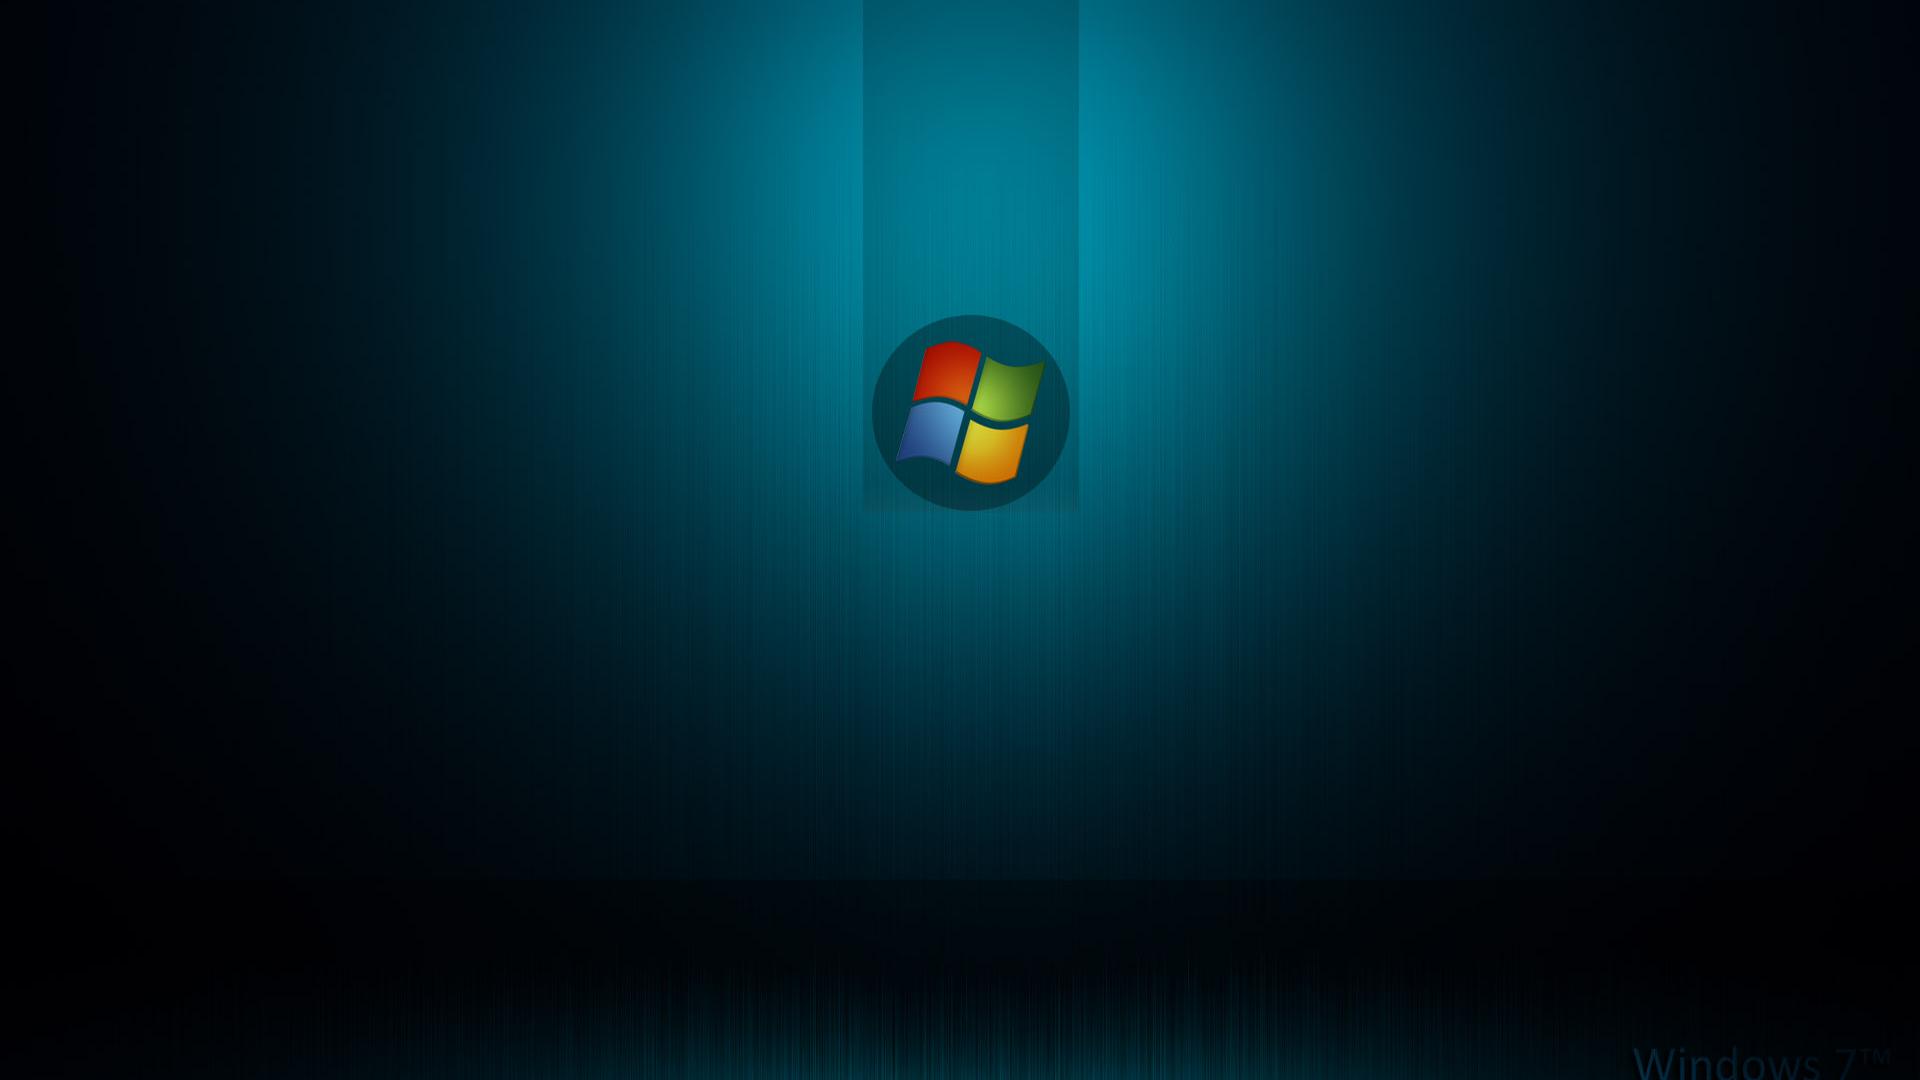 Коллекция новых видео обоев на windows 7 скачать через торрент